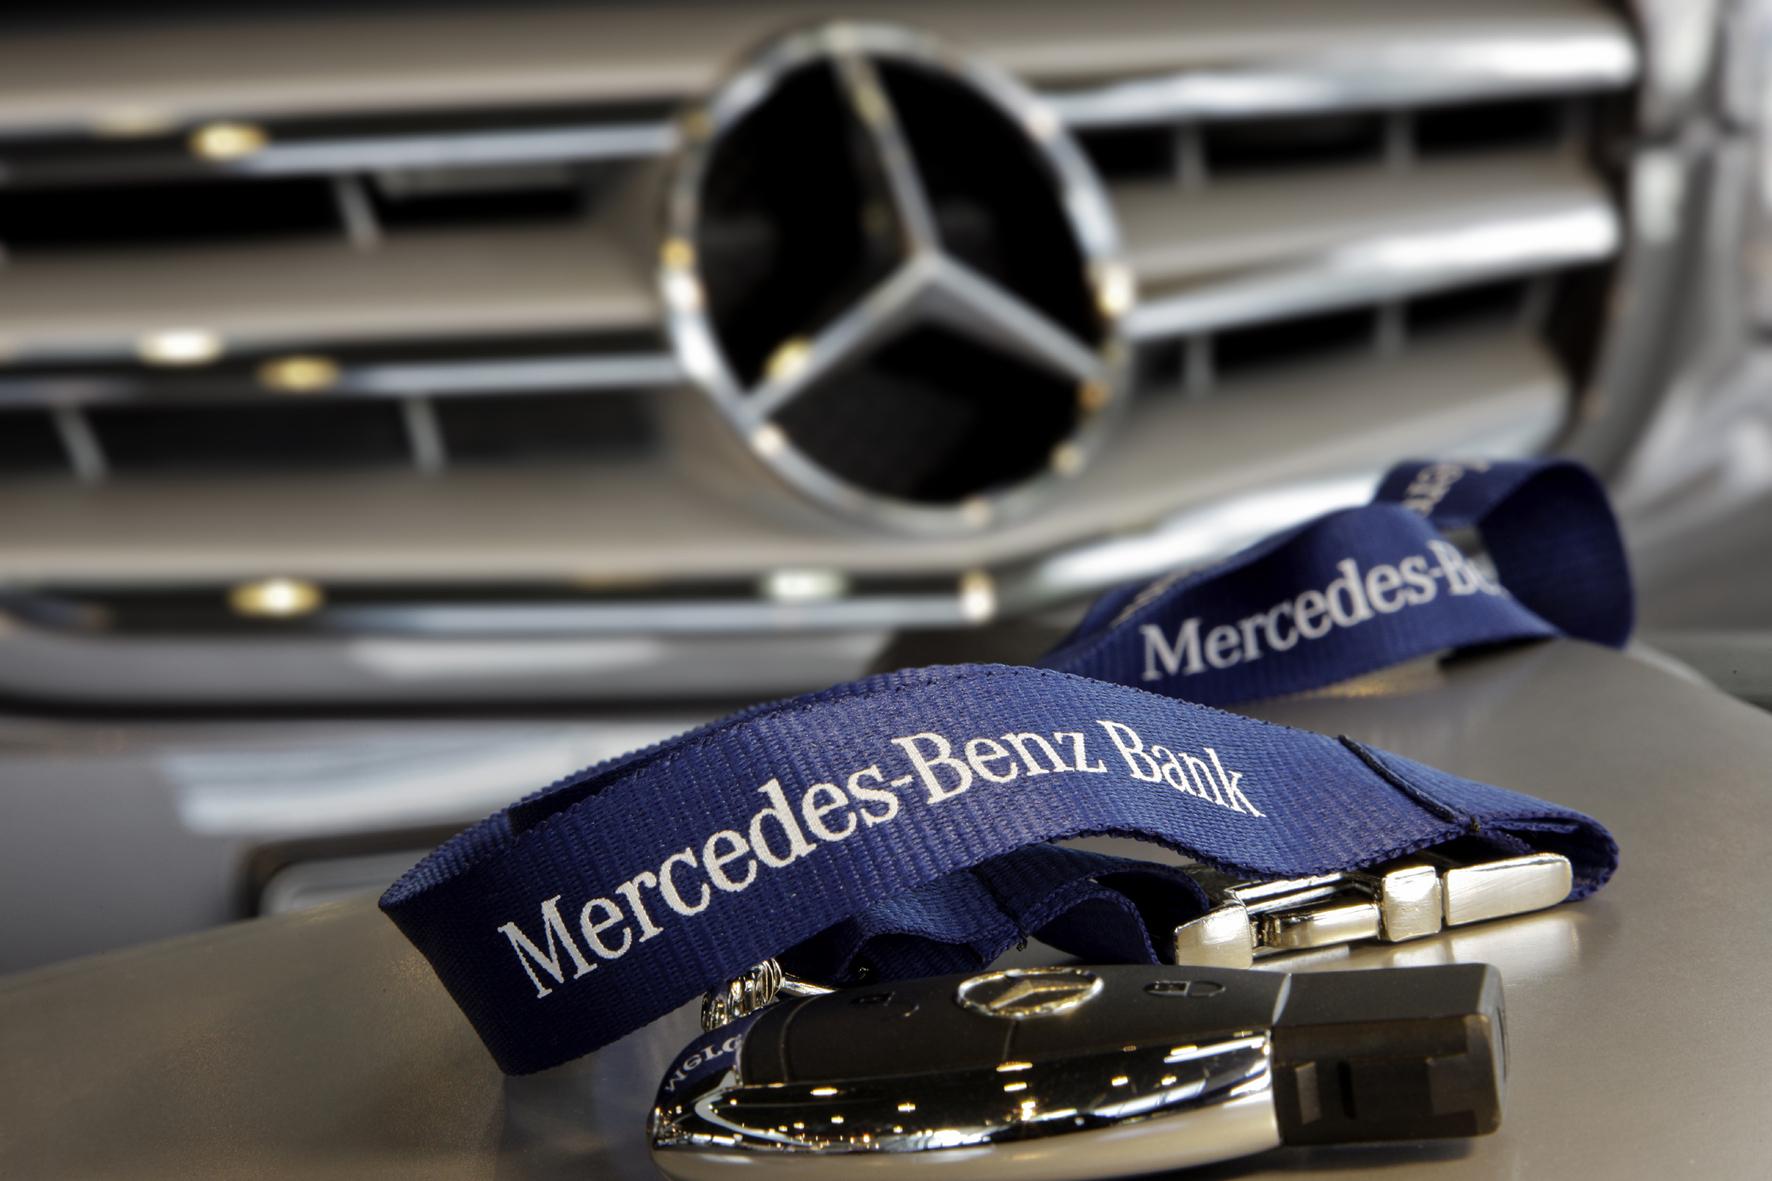 mid Groß-Gerau - Daimler Fleet Management bietet mit dem Kurzzeit-Leasing eine kostengünstige und flexible Möglichkeit, kurzfristig einen Neuwagen zu leasen. Von dem Angebot sollen vor allem Dienstwagenfahrer profitieren.